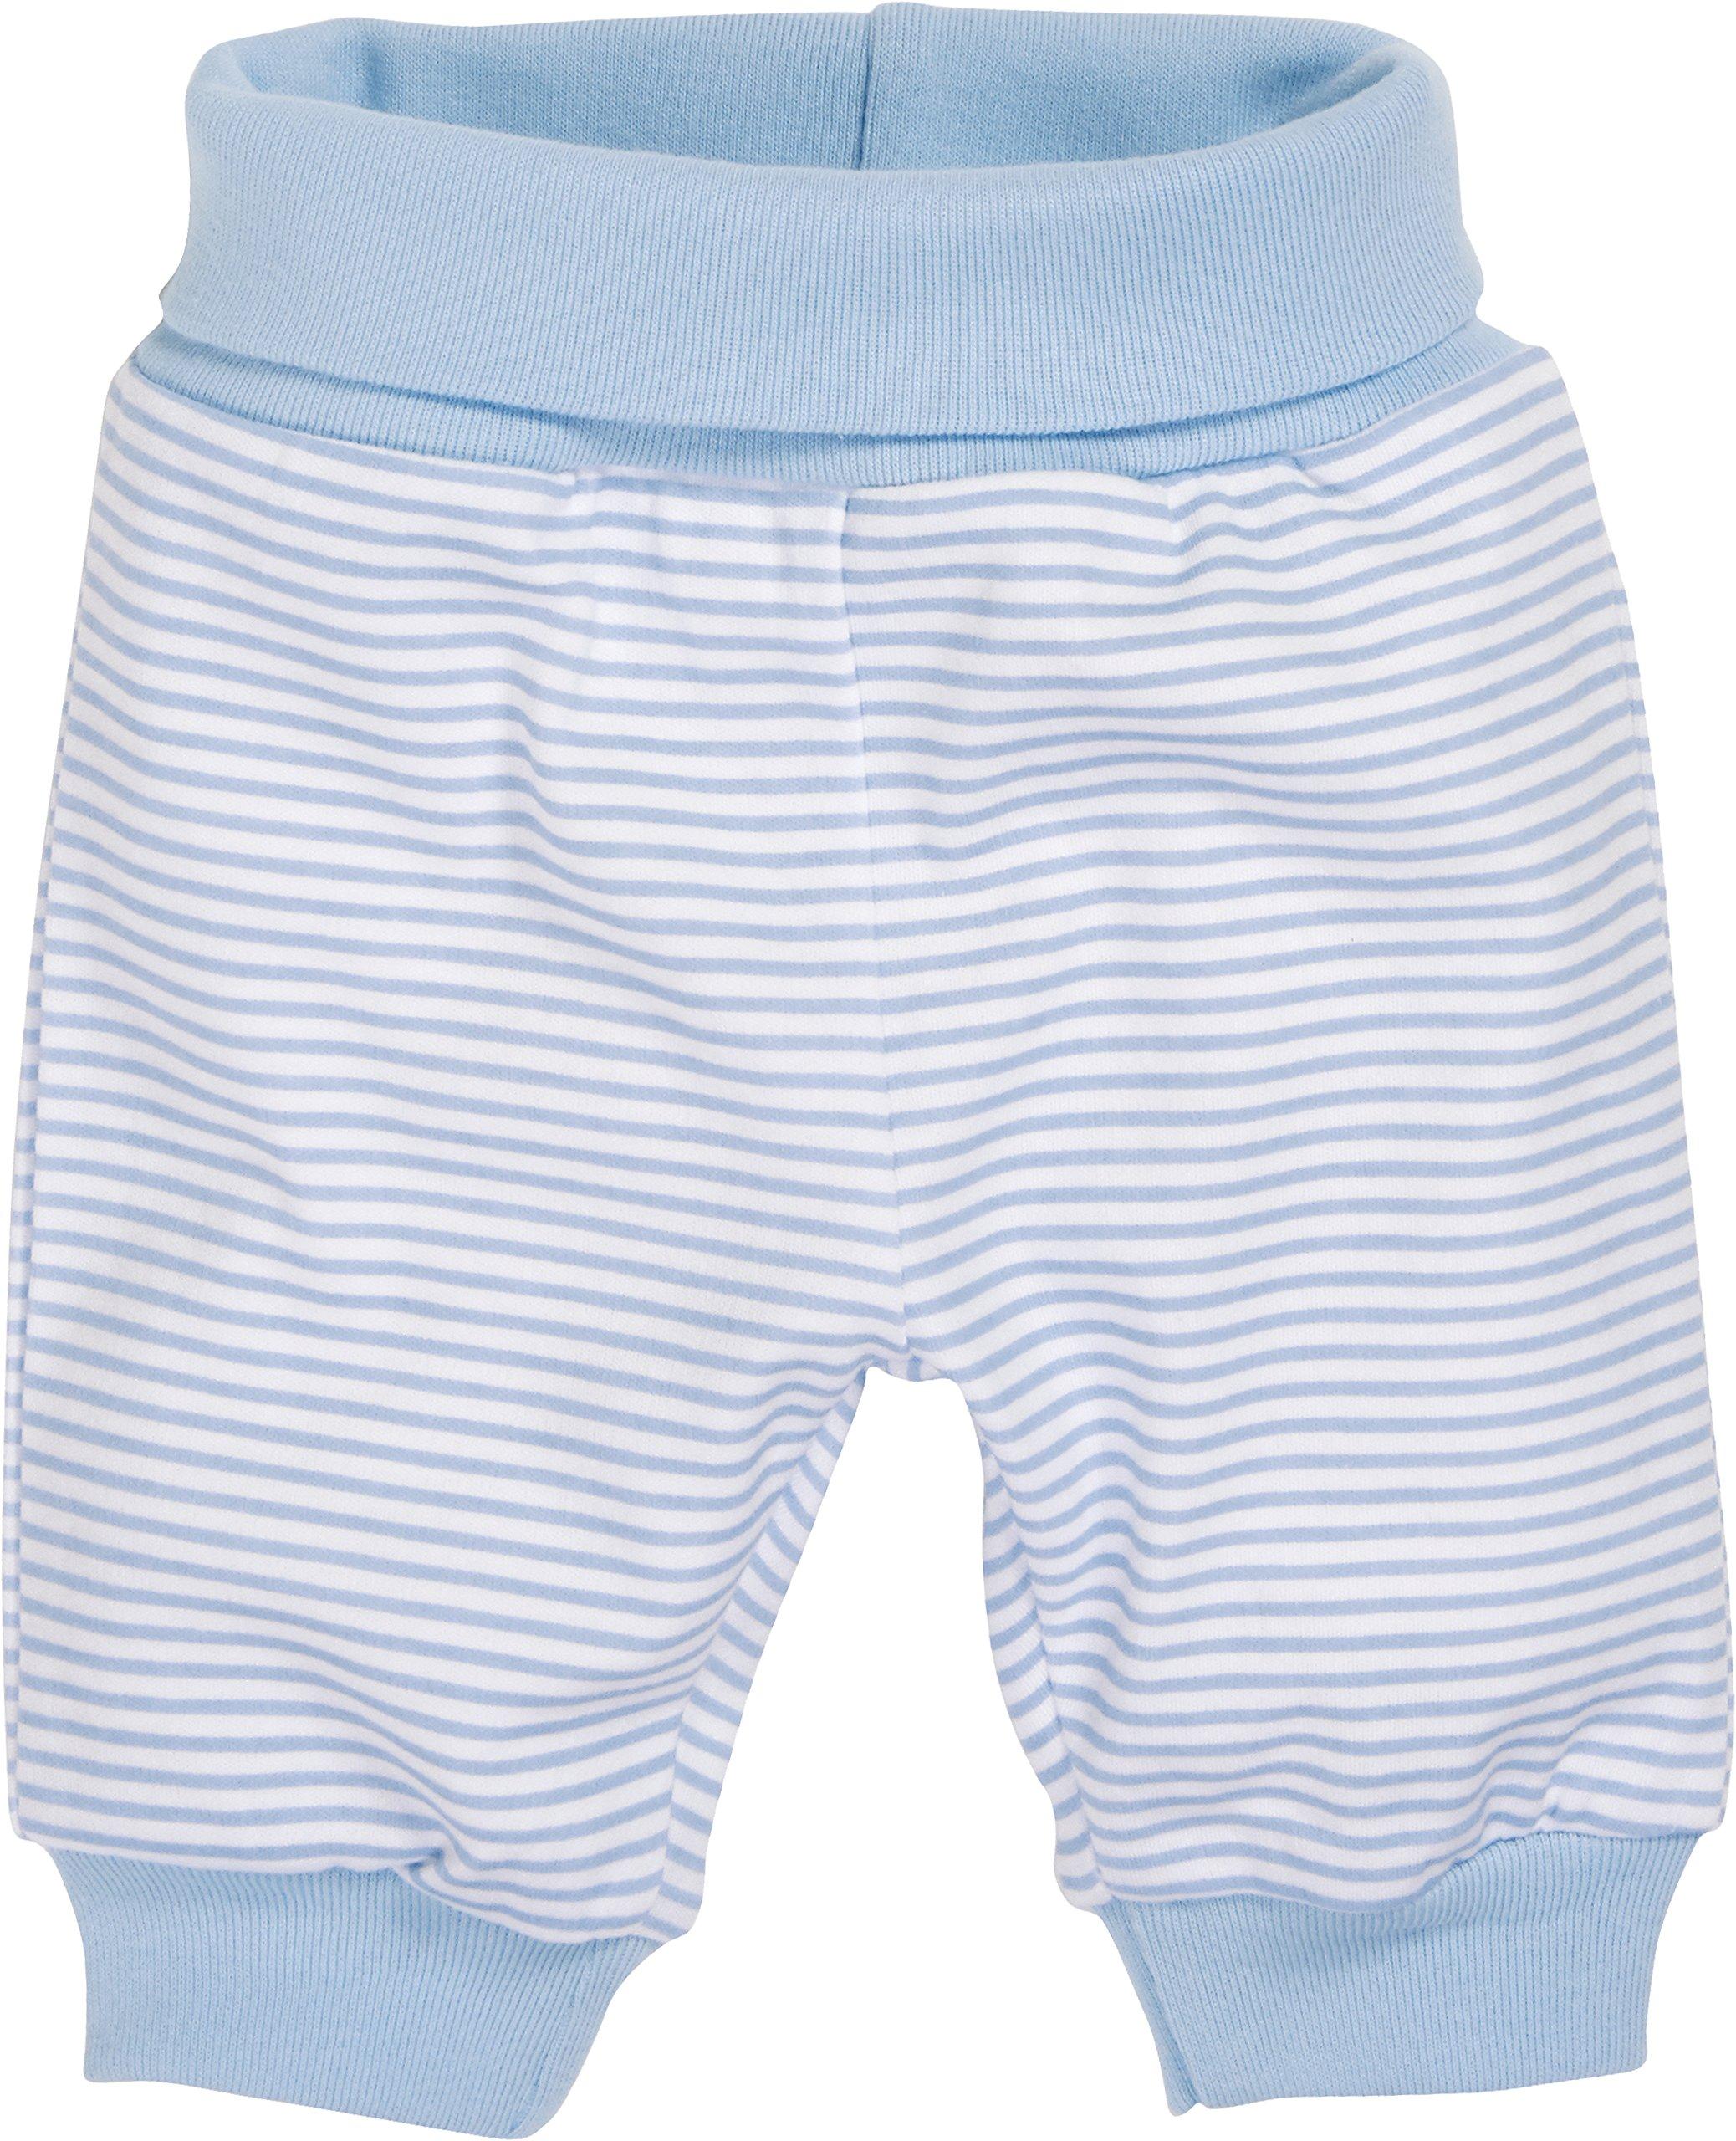 Schnizler Baby-Pumphose Interlock Pantalones Deportivos para Bebés 1